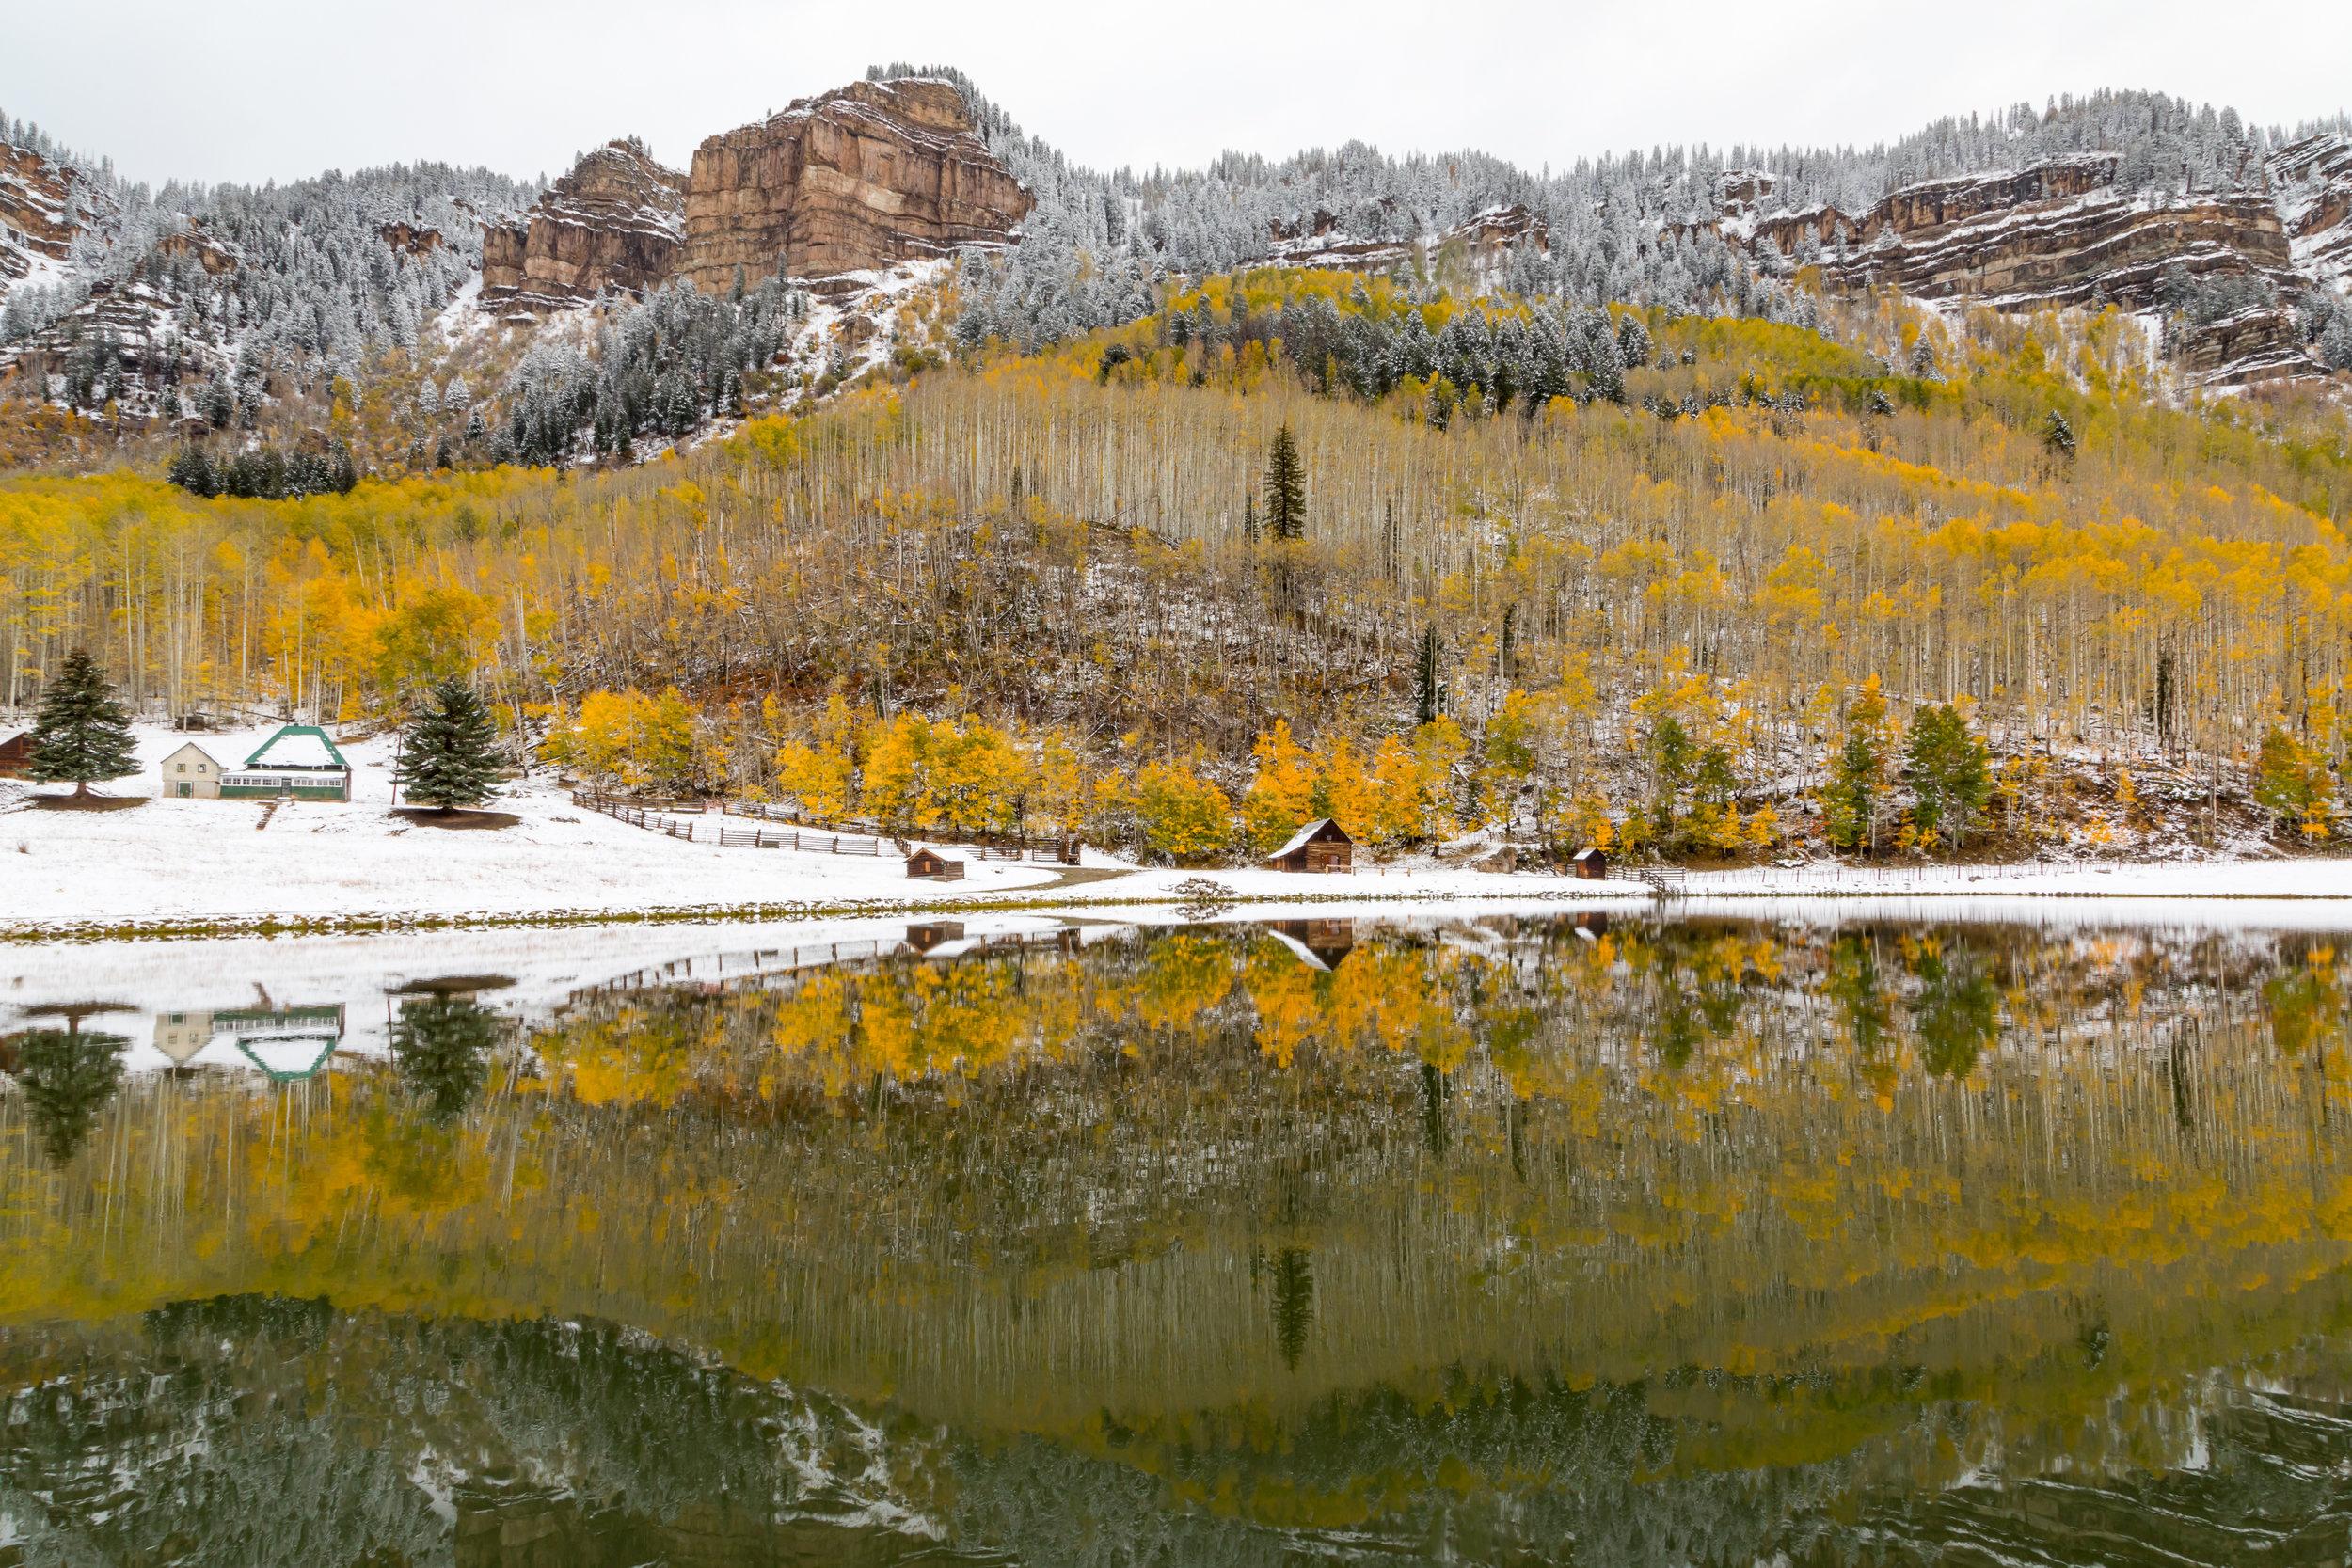 Hotter Pond, Image # 4715